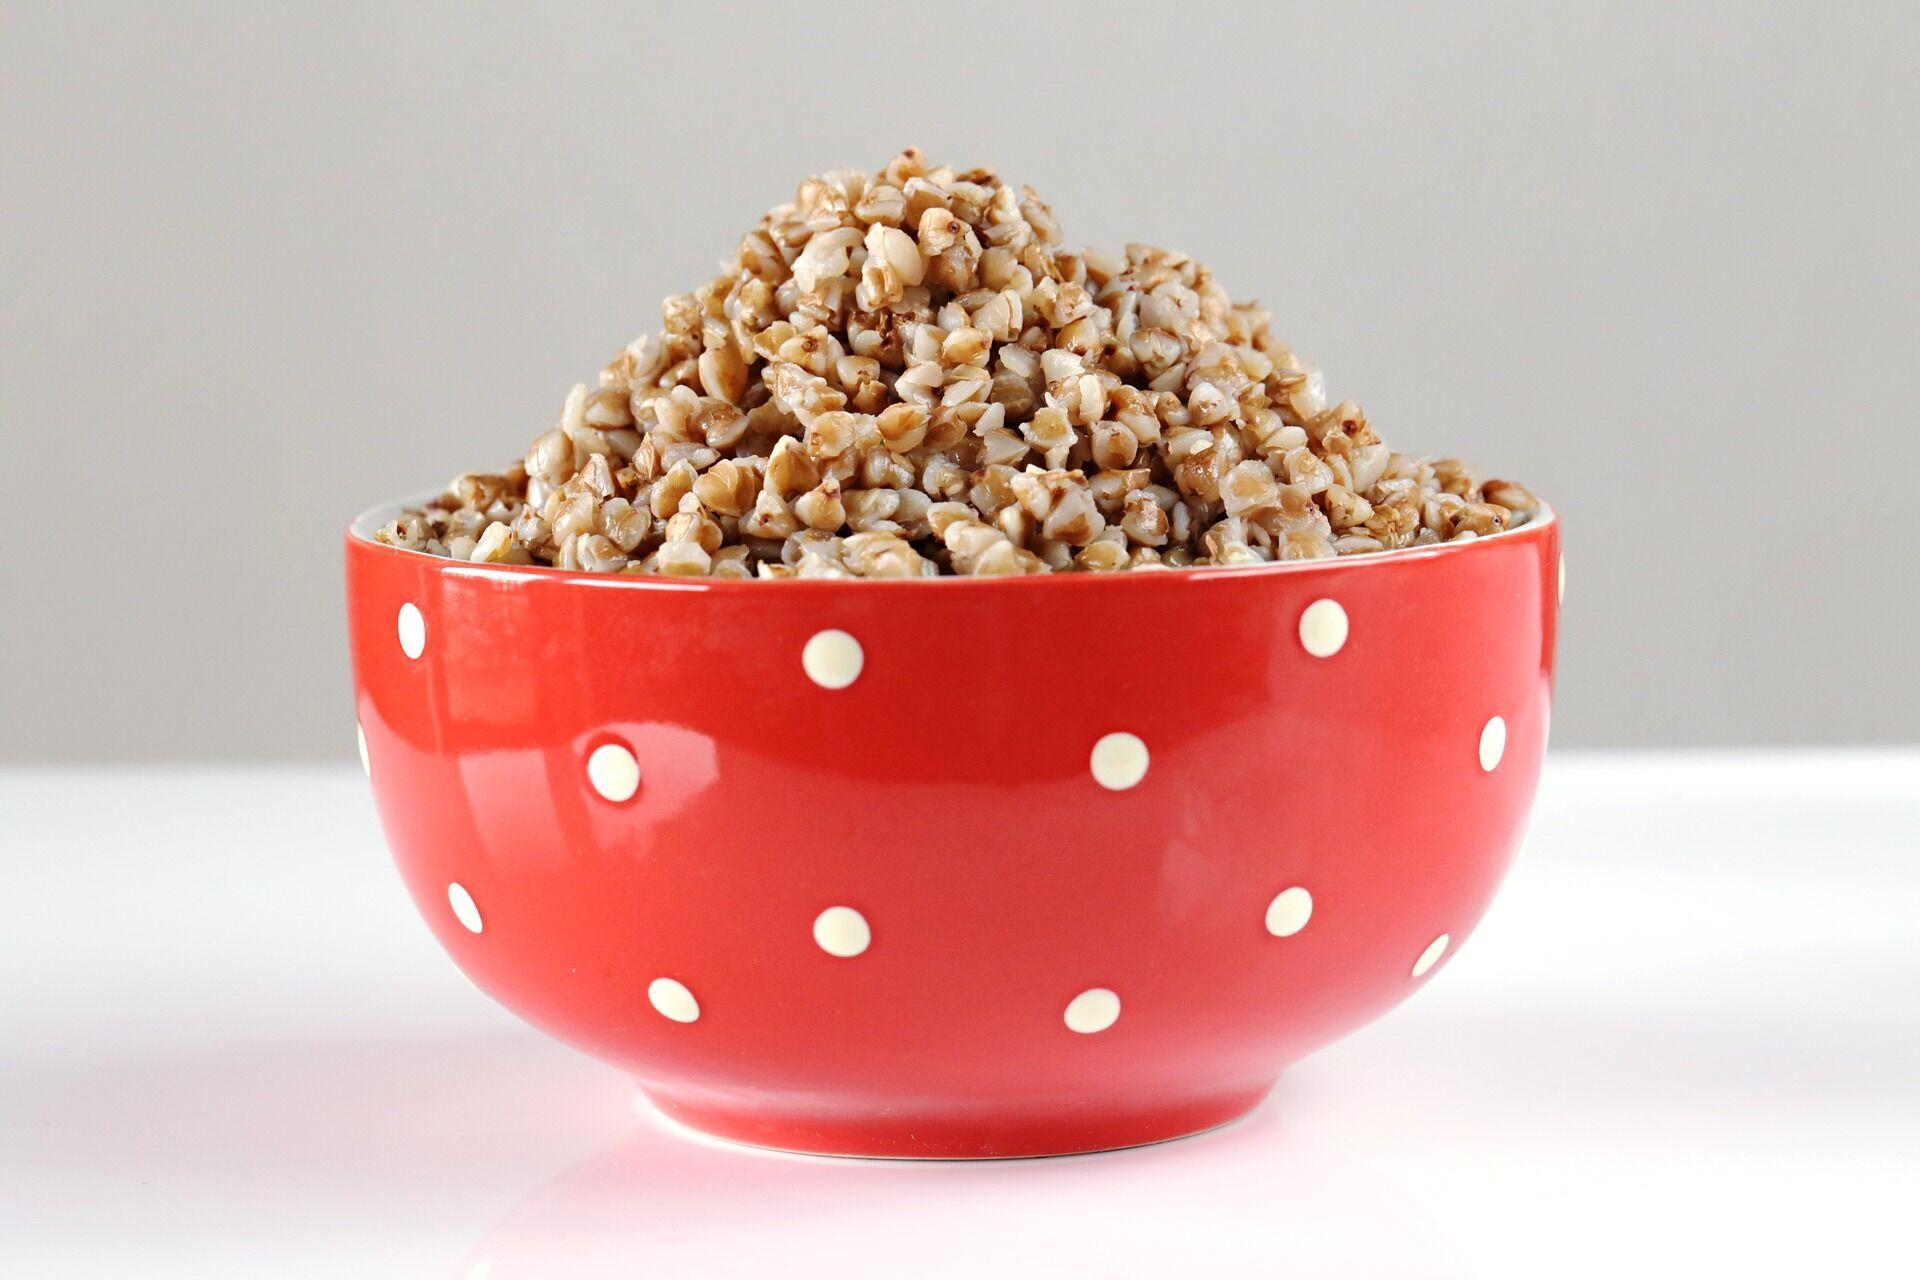 В 100 граммах вареной гречки содержится 0,0067 грамма железа